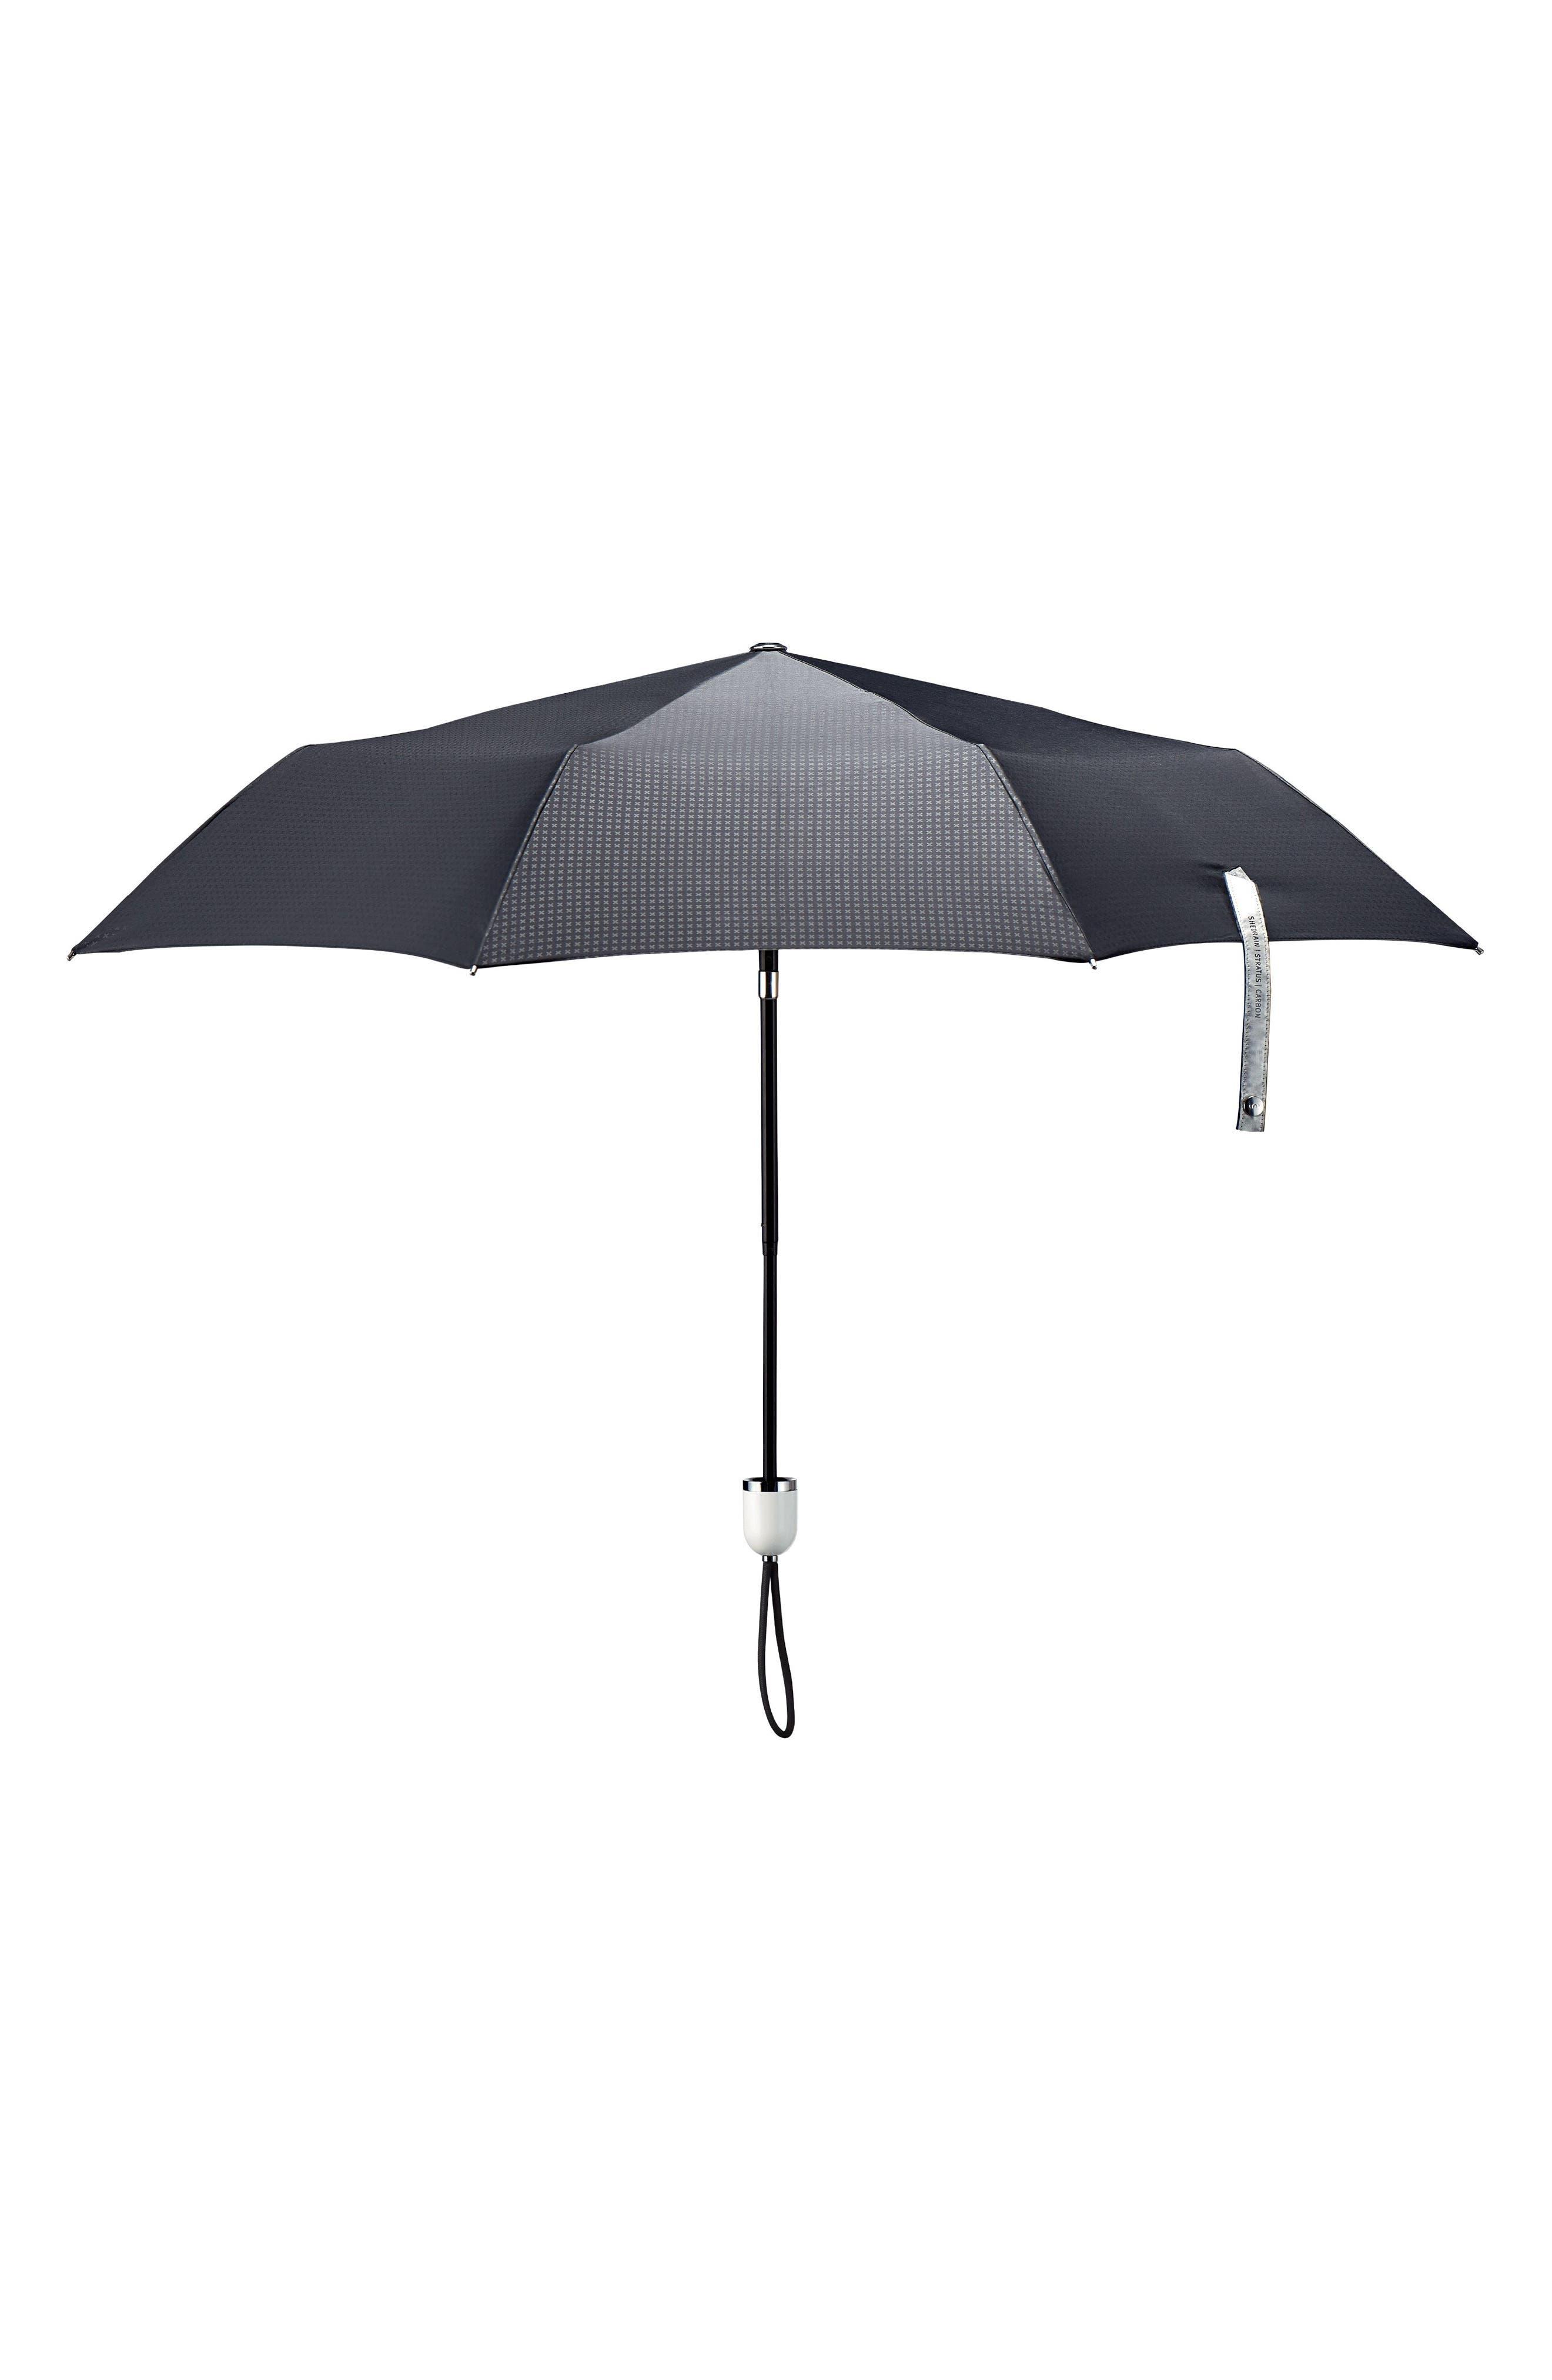 Stratus Auto Open Compact Umbrella,                         Main,                         color, Black/ Piano White